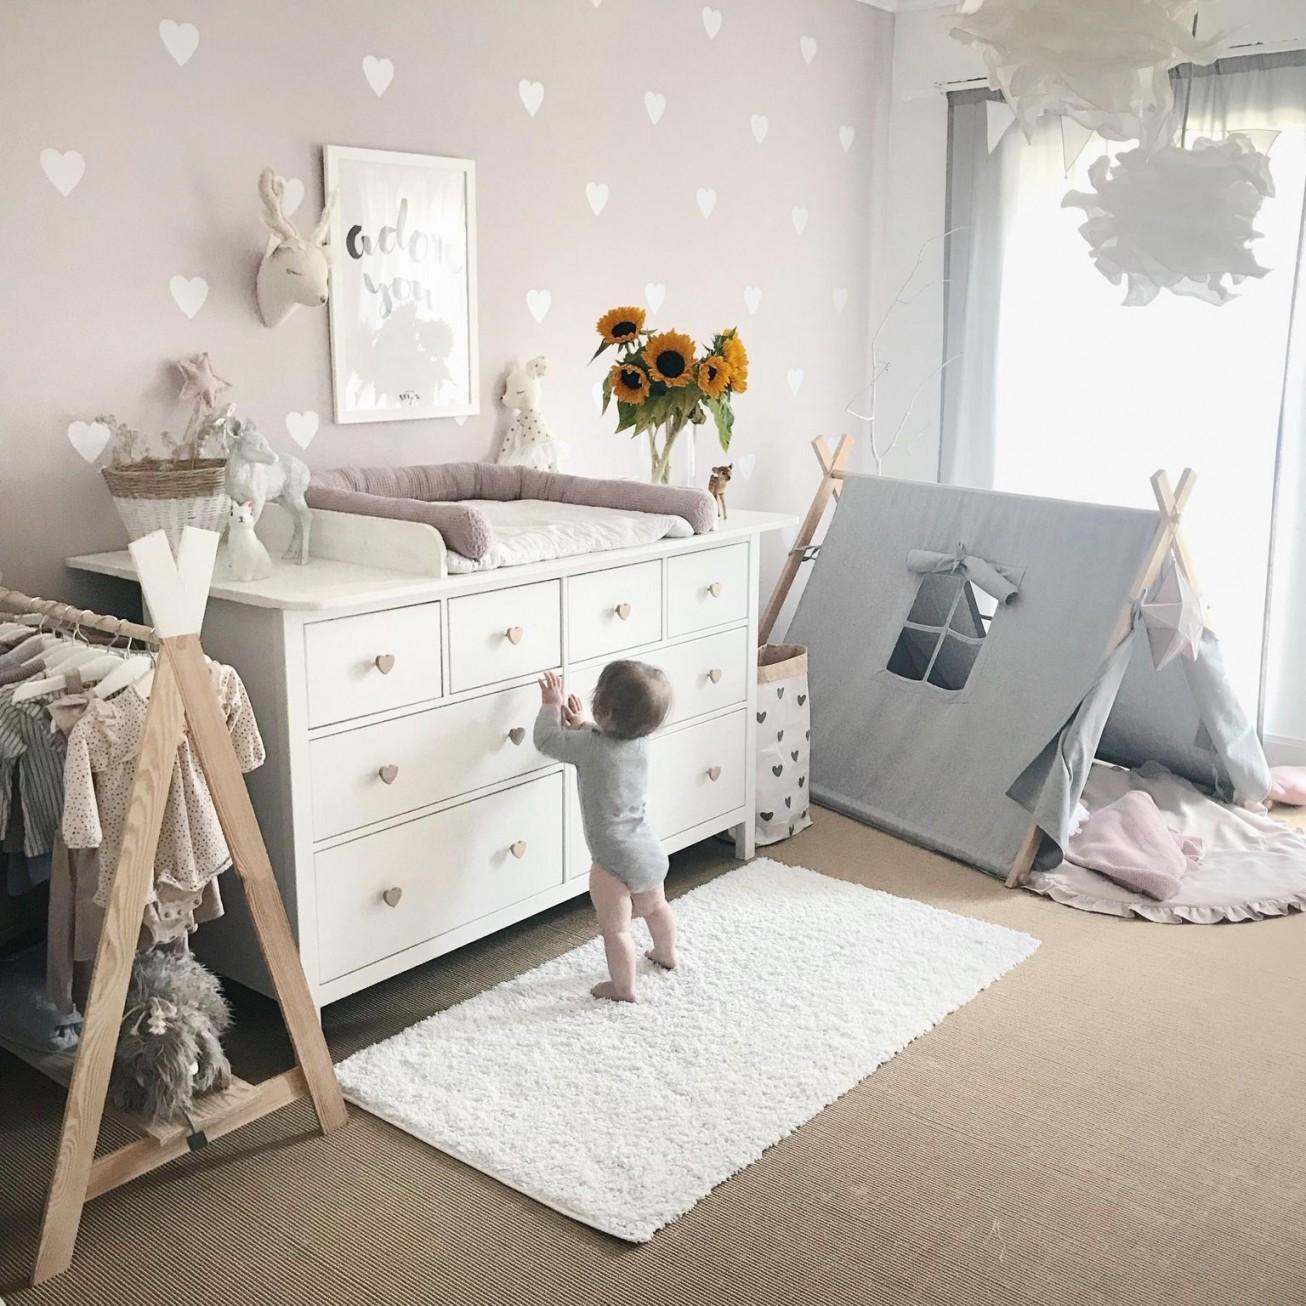 Mein Baby Wird Groß 💕 Babyzimmer Kinderzimmer Wic In von Babyzimmer Mädchen Einrichten Bild